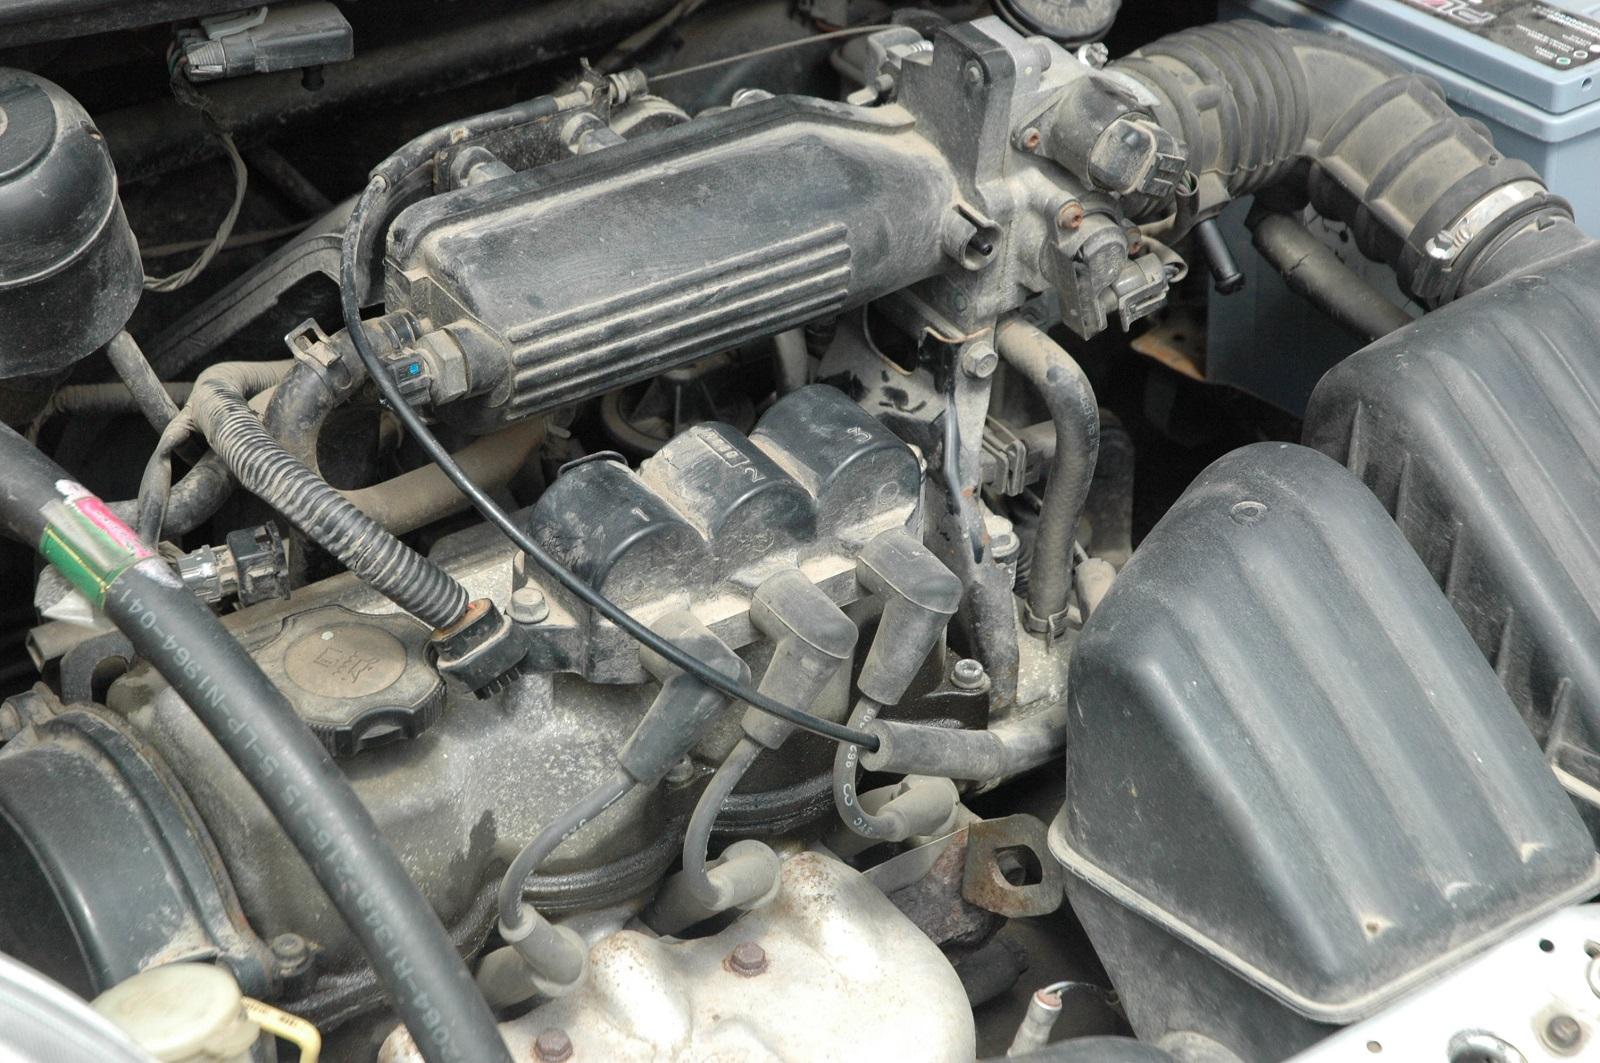 Троение мотора всегда сопровождается вибрацией, которую можно ощутить руками или даже увидеть